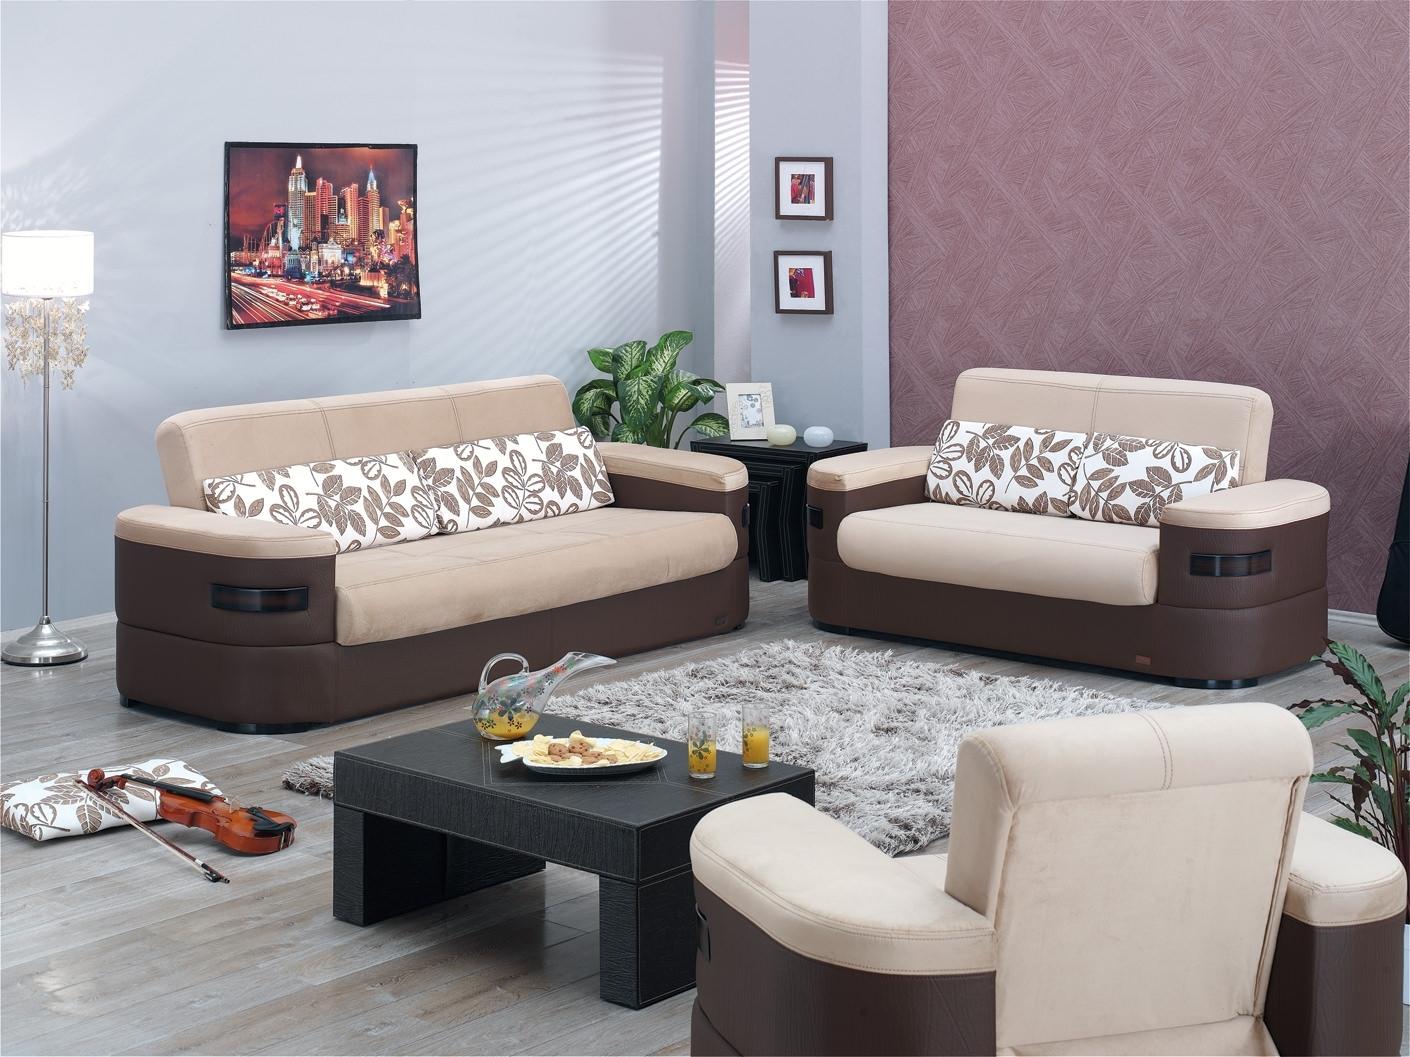 Las Vegas Sofa Bedmeyan Furniture With Las Vegas Sectional Sofas (Image 7 of 10)